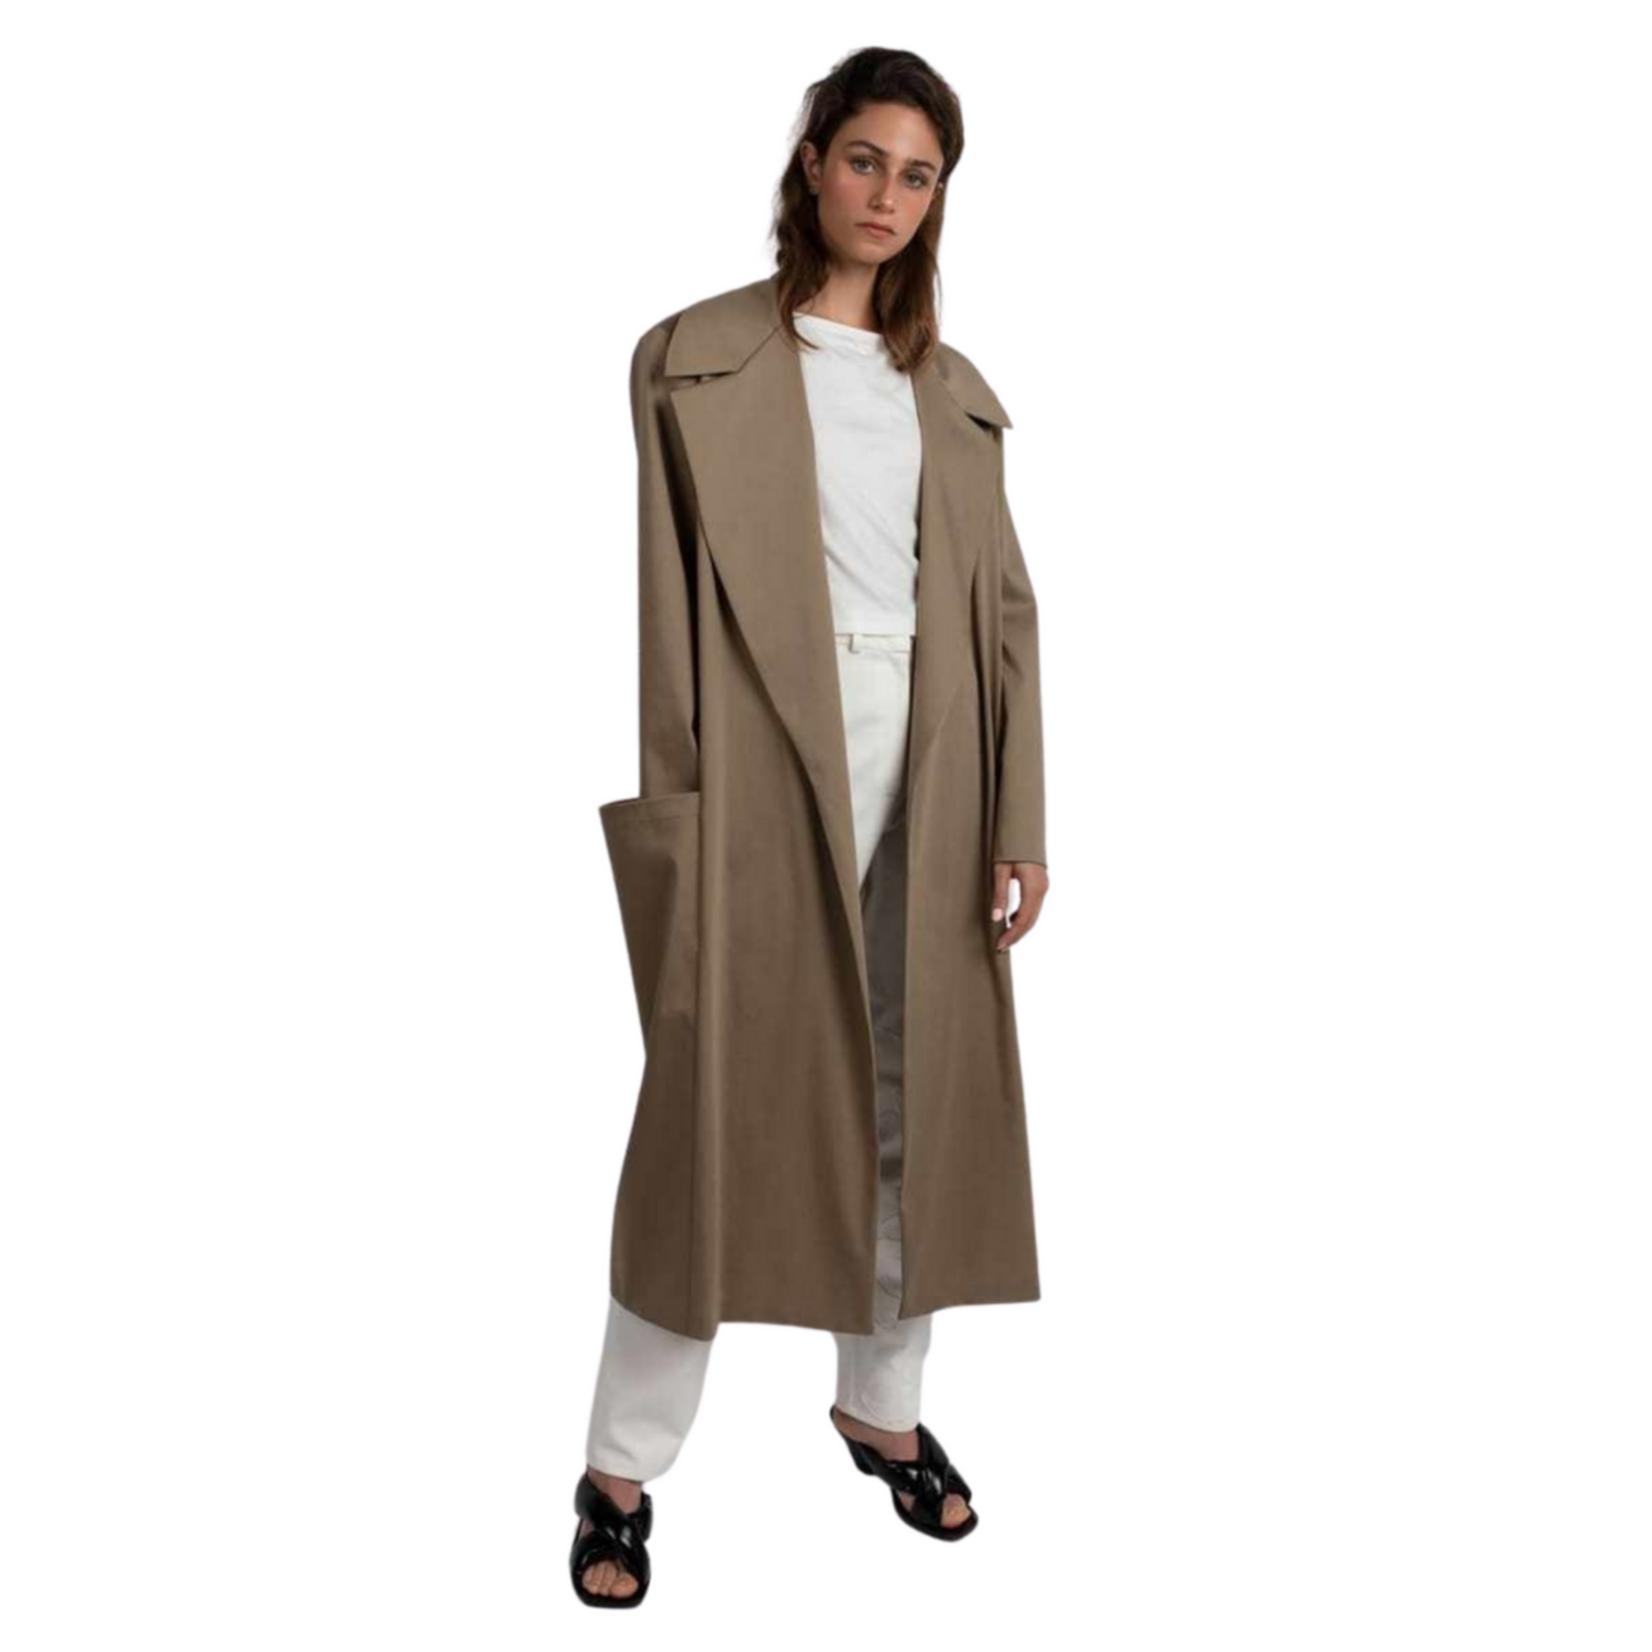 Esant 3D Pocket Long Coat